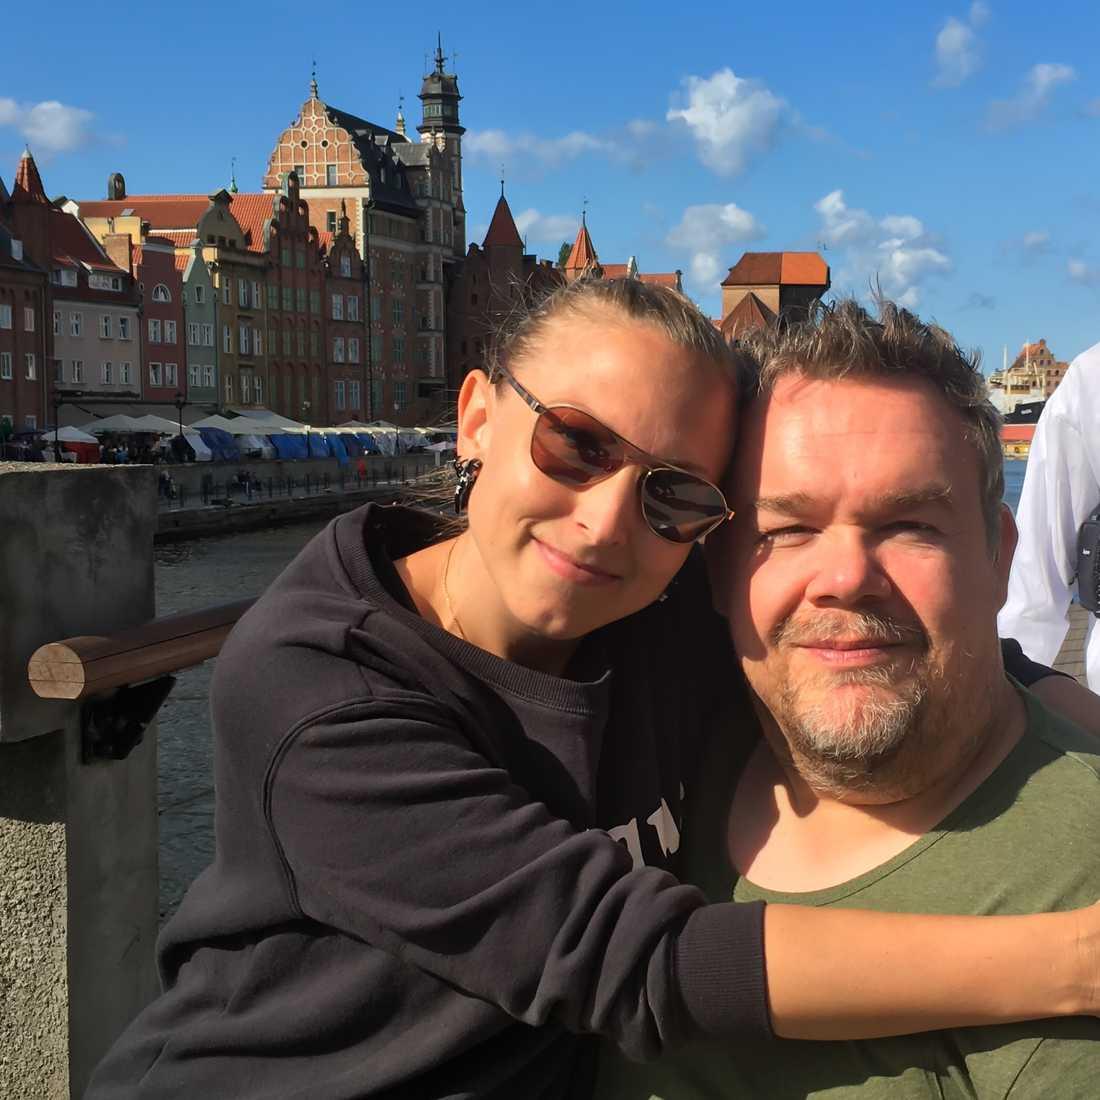 EU-parlamentarikern och KD-politikern David Lega har mött kärleken i företagaren Vega Ranstam.